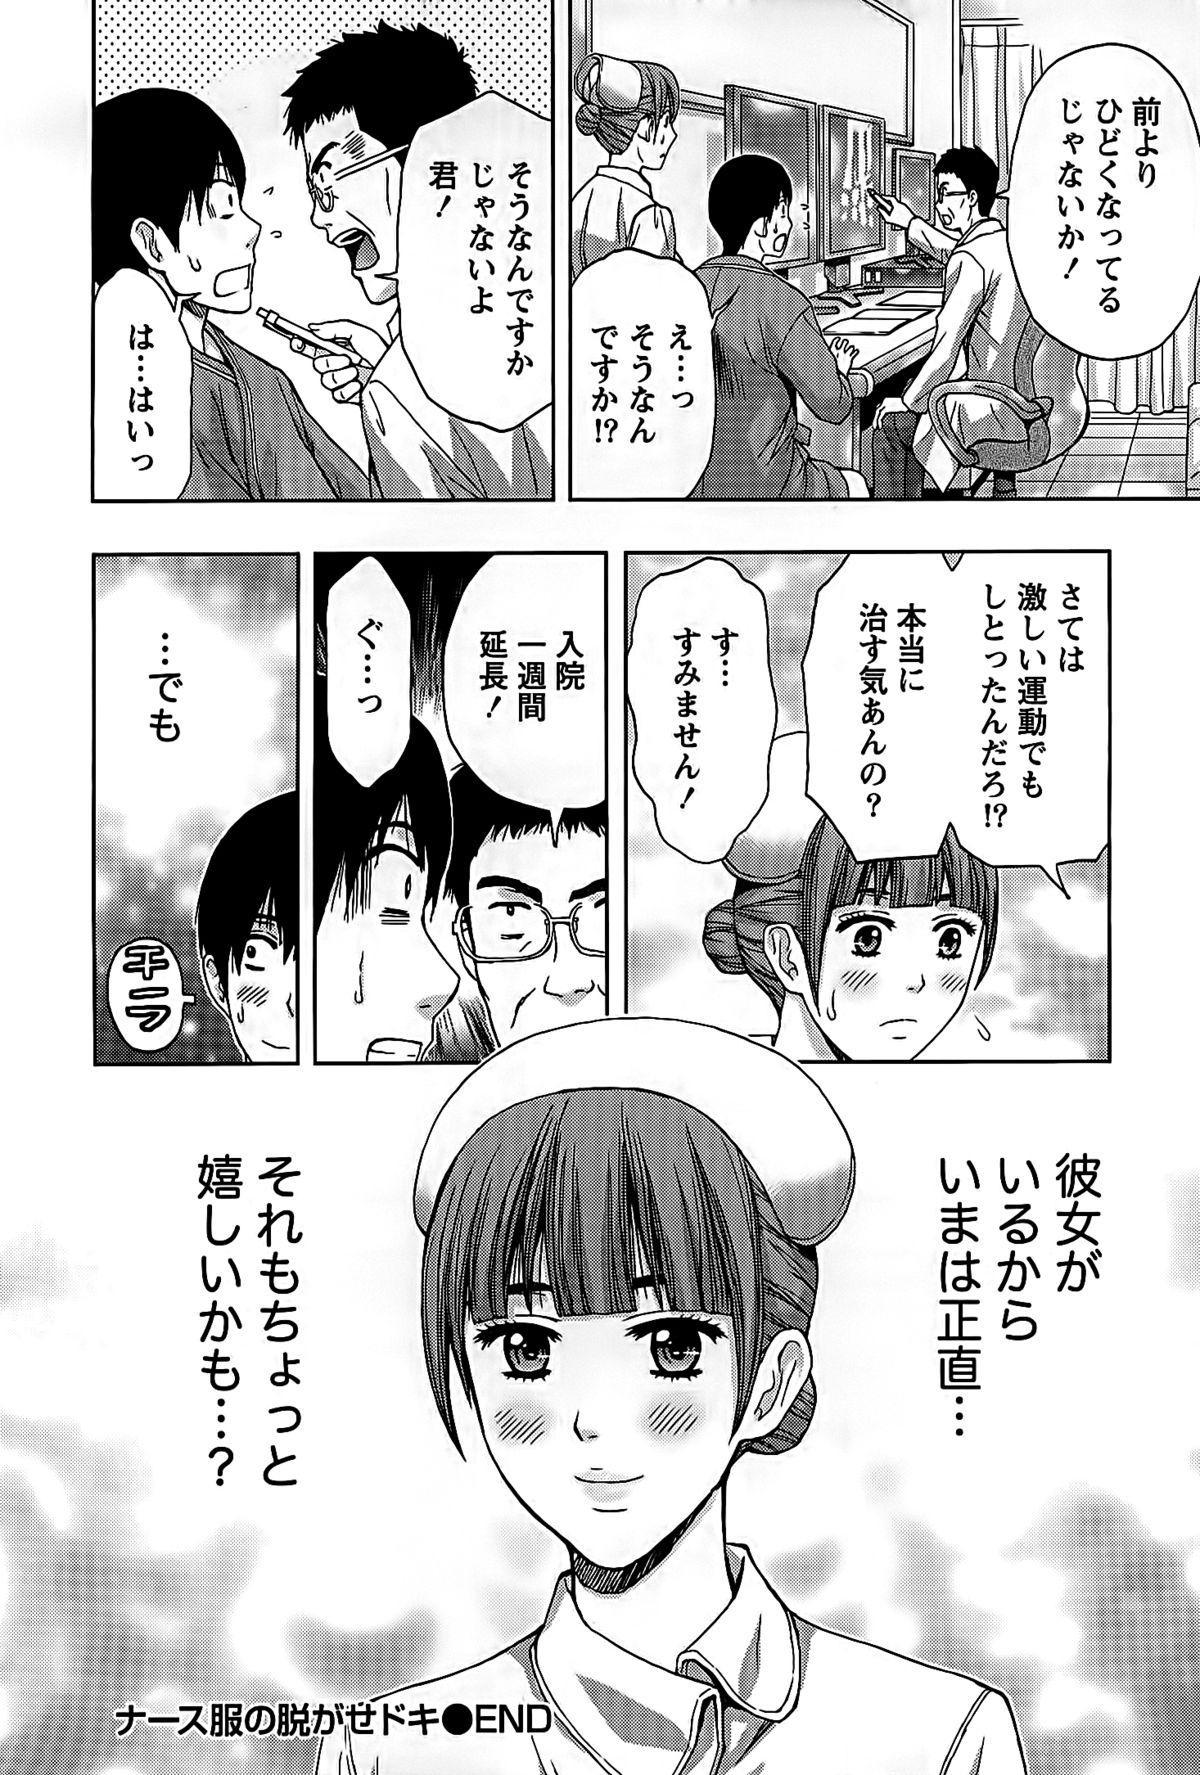 Shittori Lady to Amai Mitsu 126